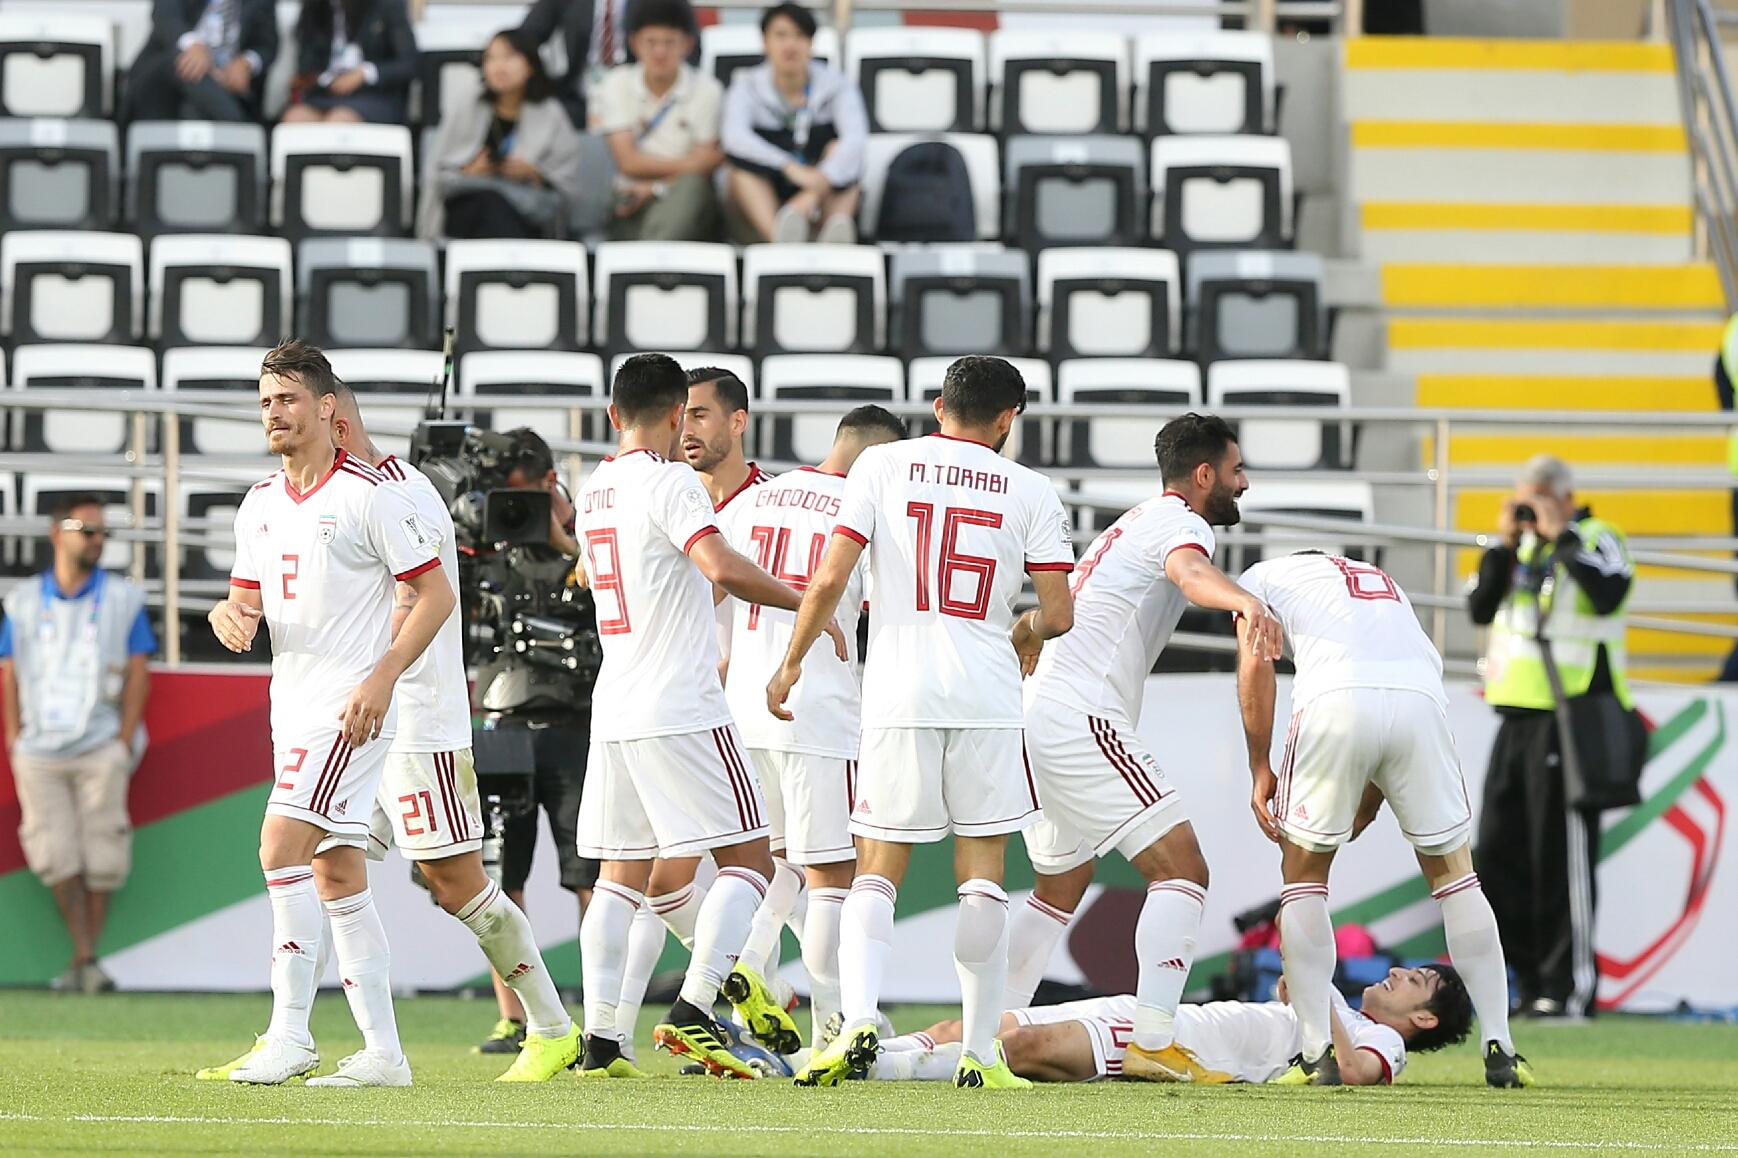 حریف تیم ملی فوتبال ایران در مرحله حذفی جام ملتهای آسیا ۲۰۱۹ کیست؟